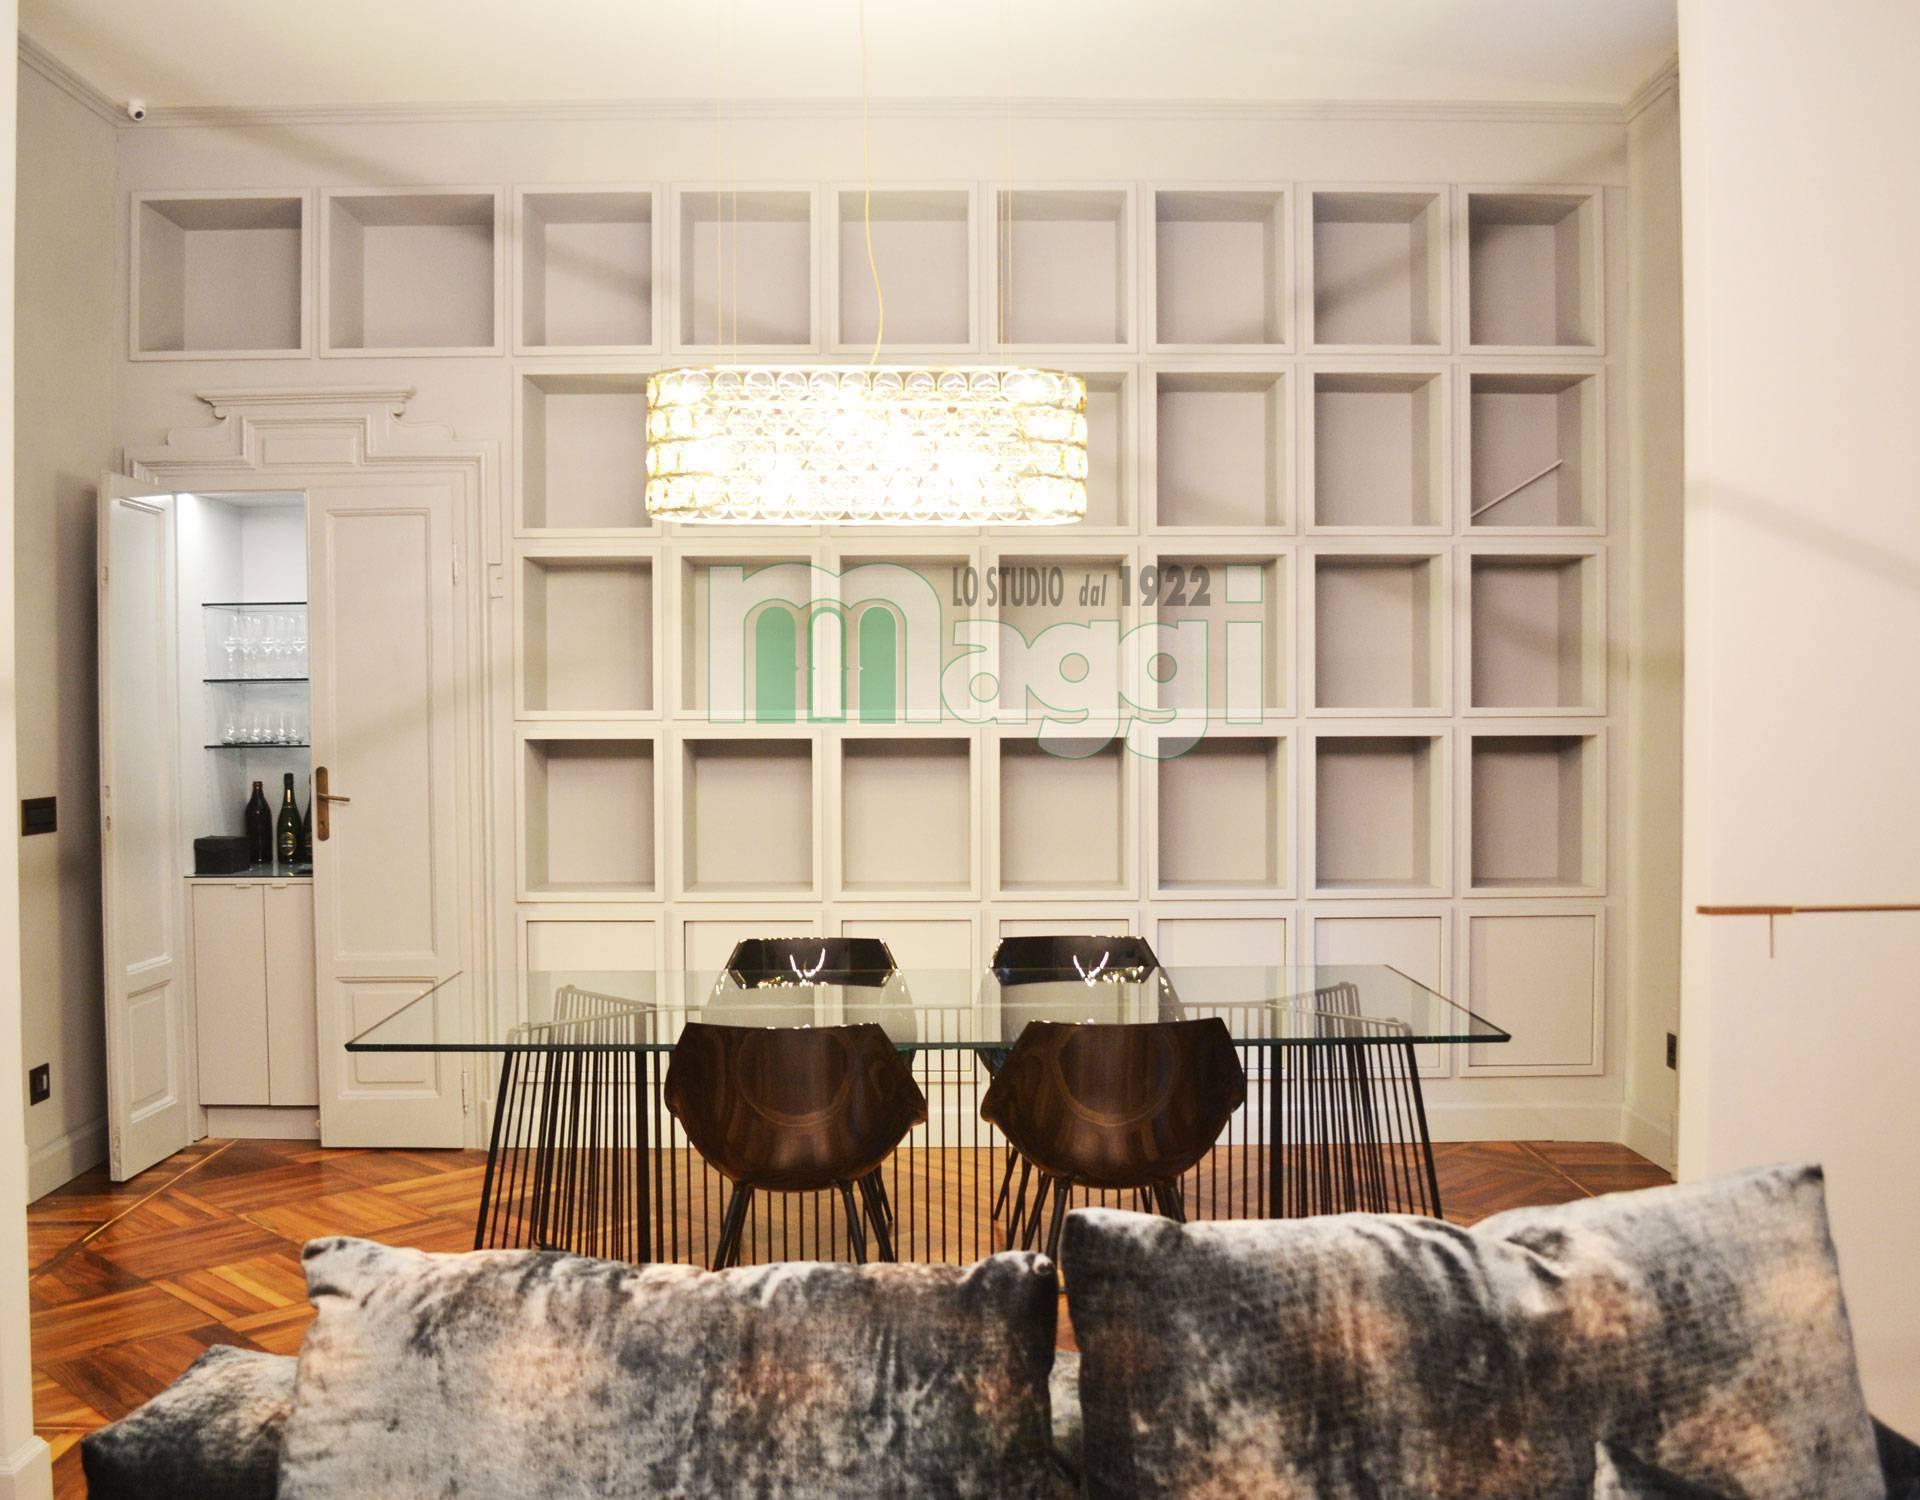 Ufficio-studio in Vendita a Milano 08 Vercelli / Magenta / Cadorna / Washington: 3 locali, 100 mq